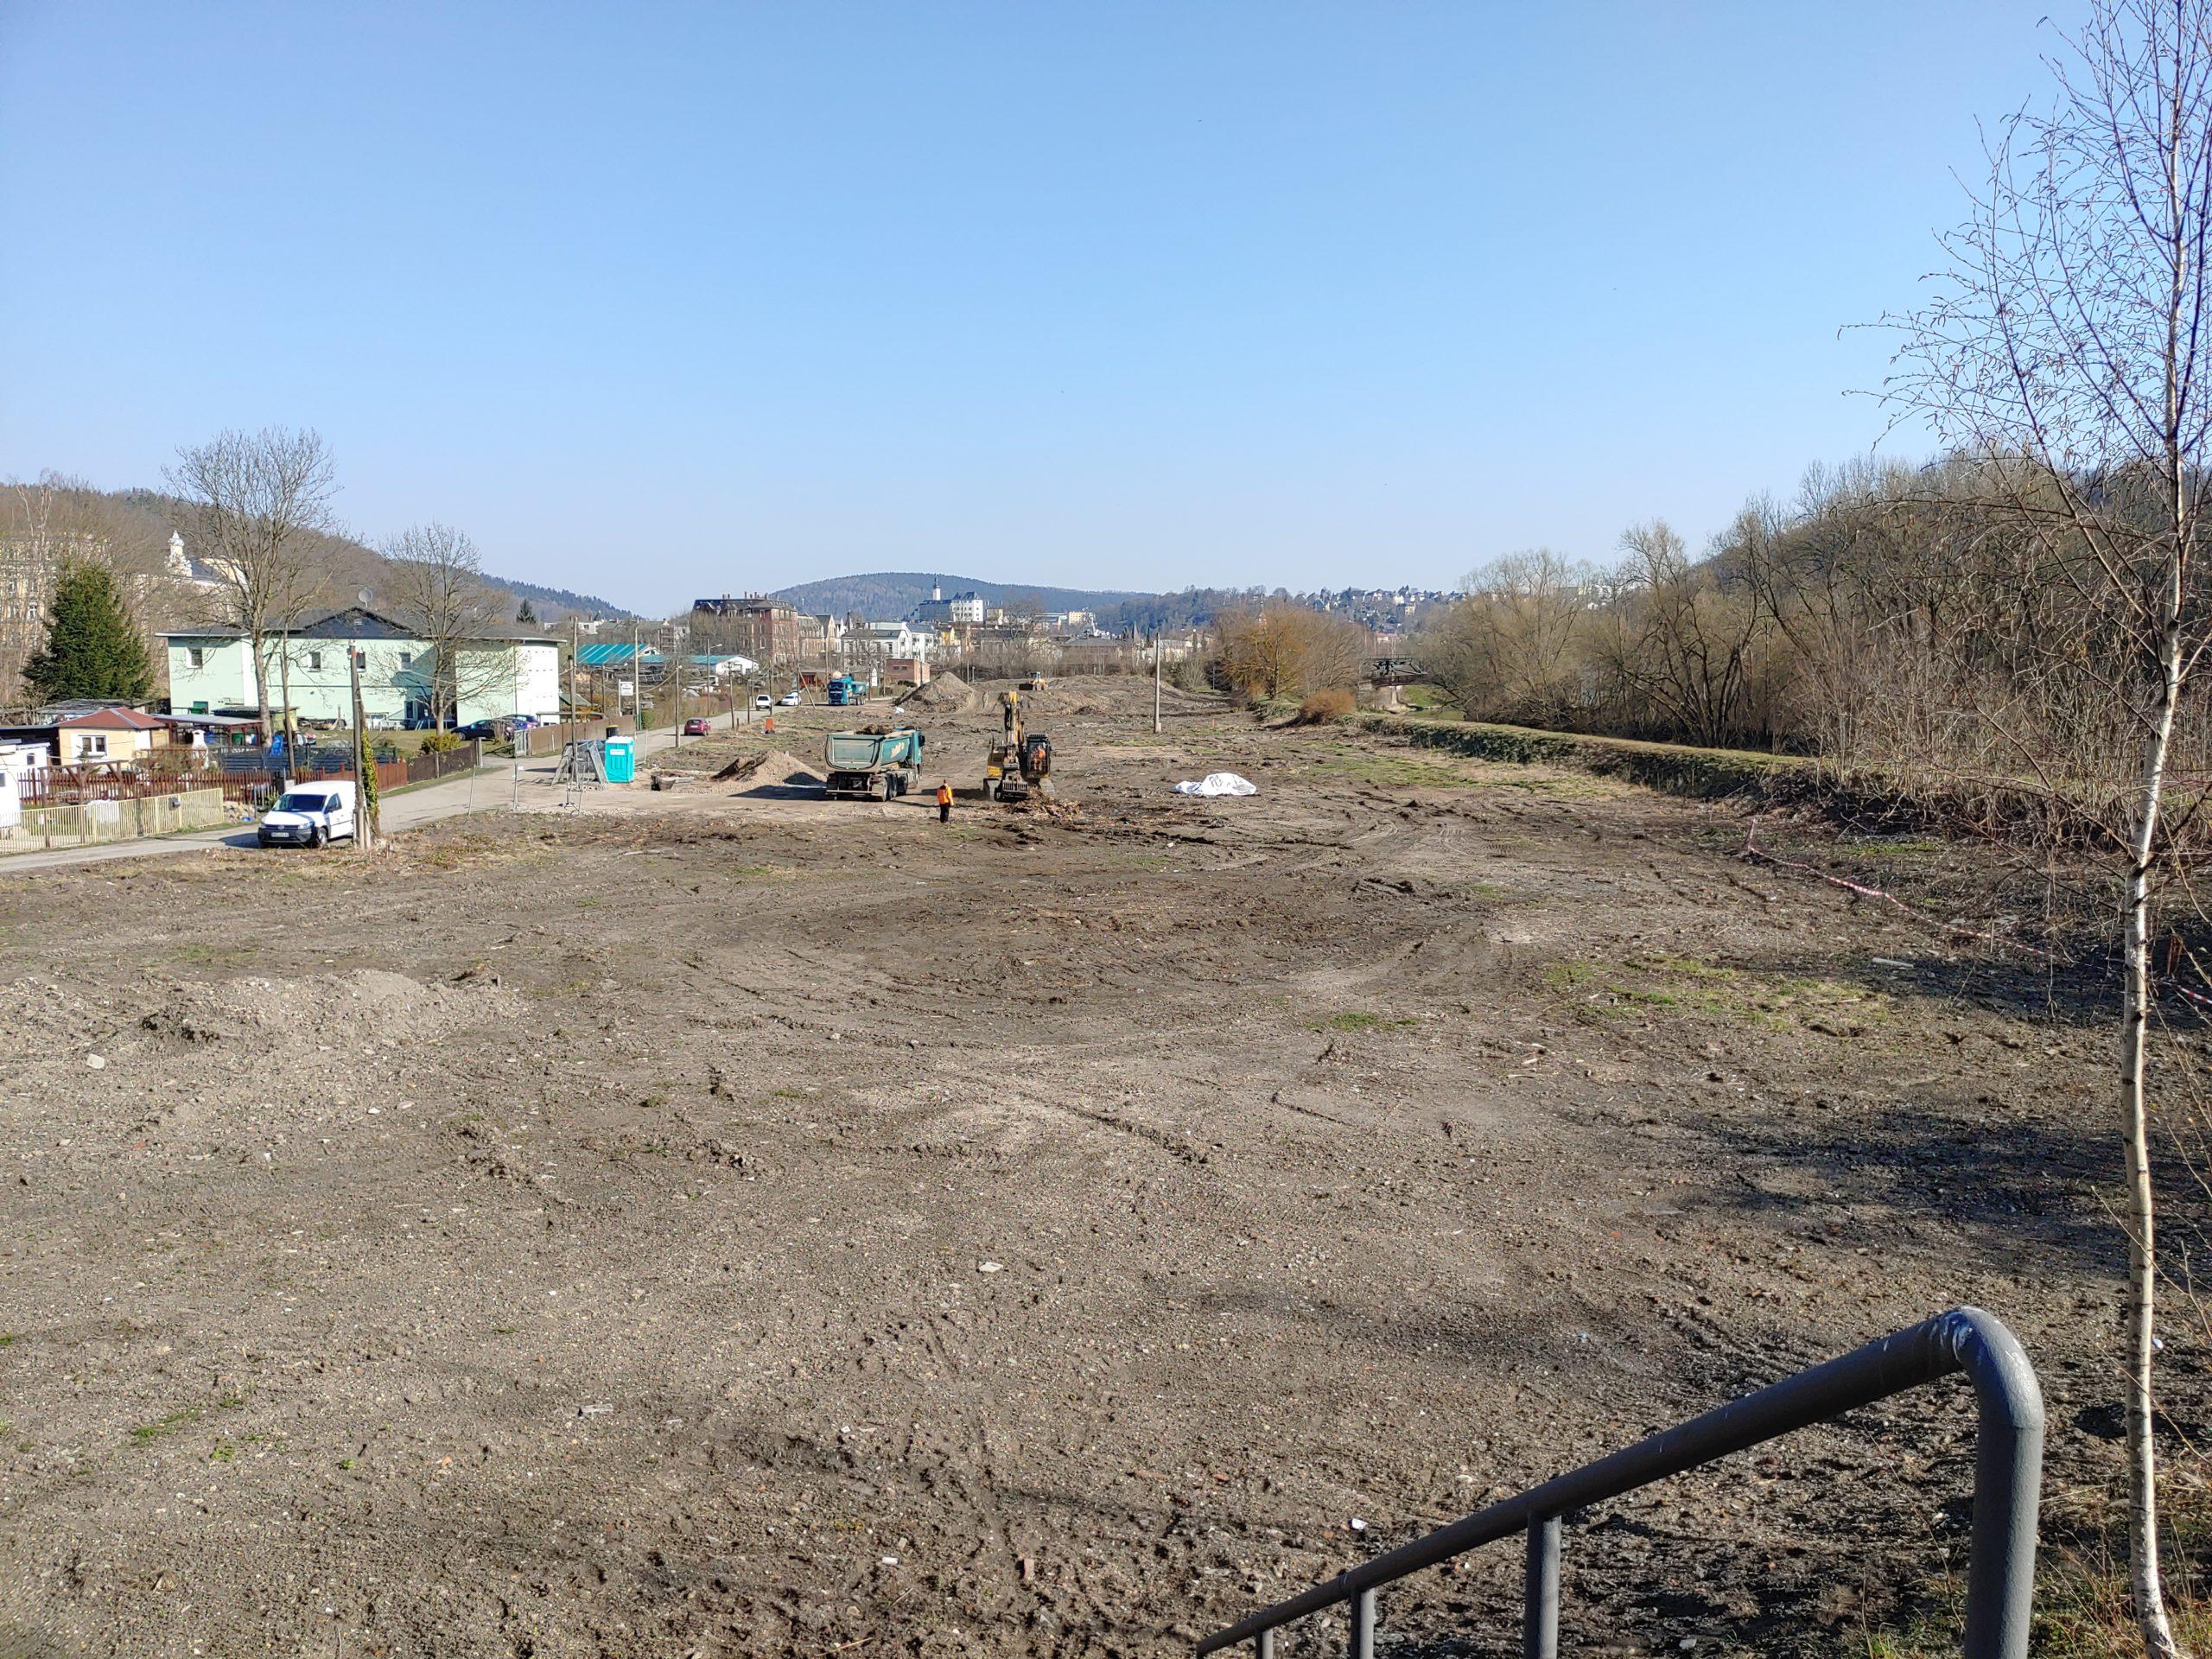 Abbruch der Kleingartenanlage in Greiz